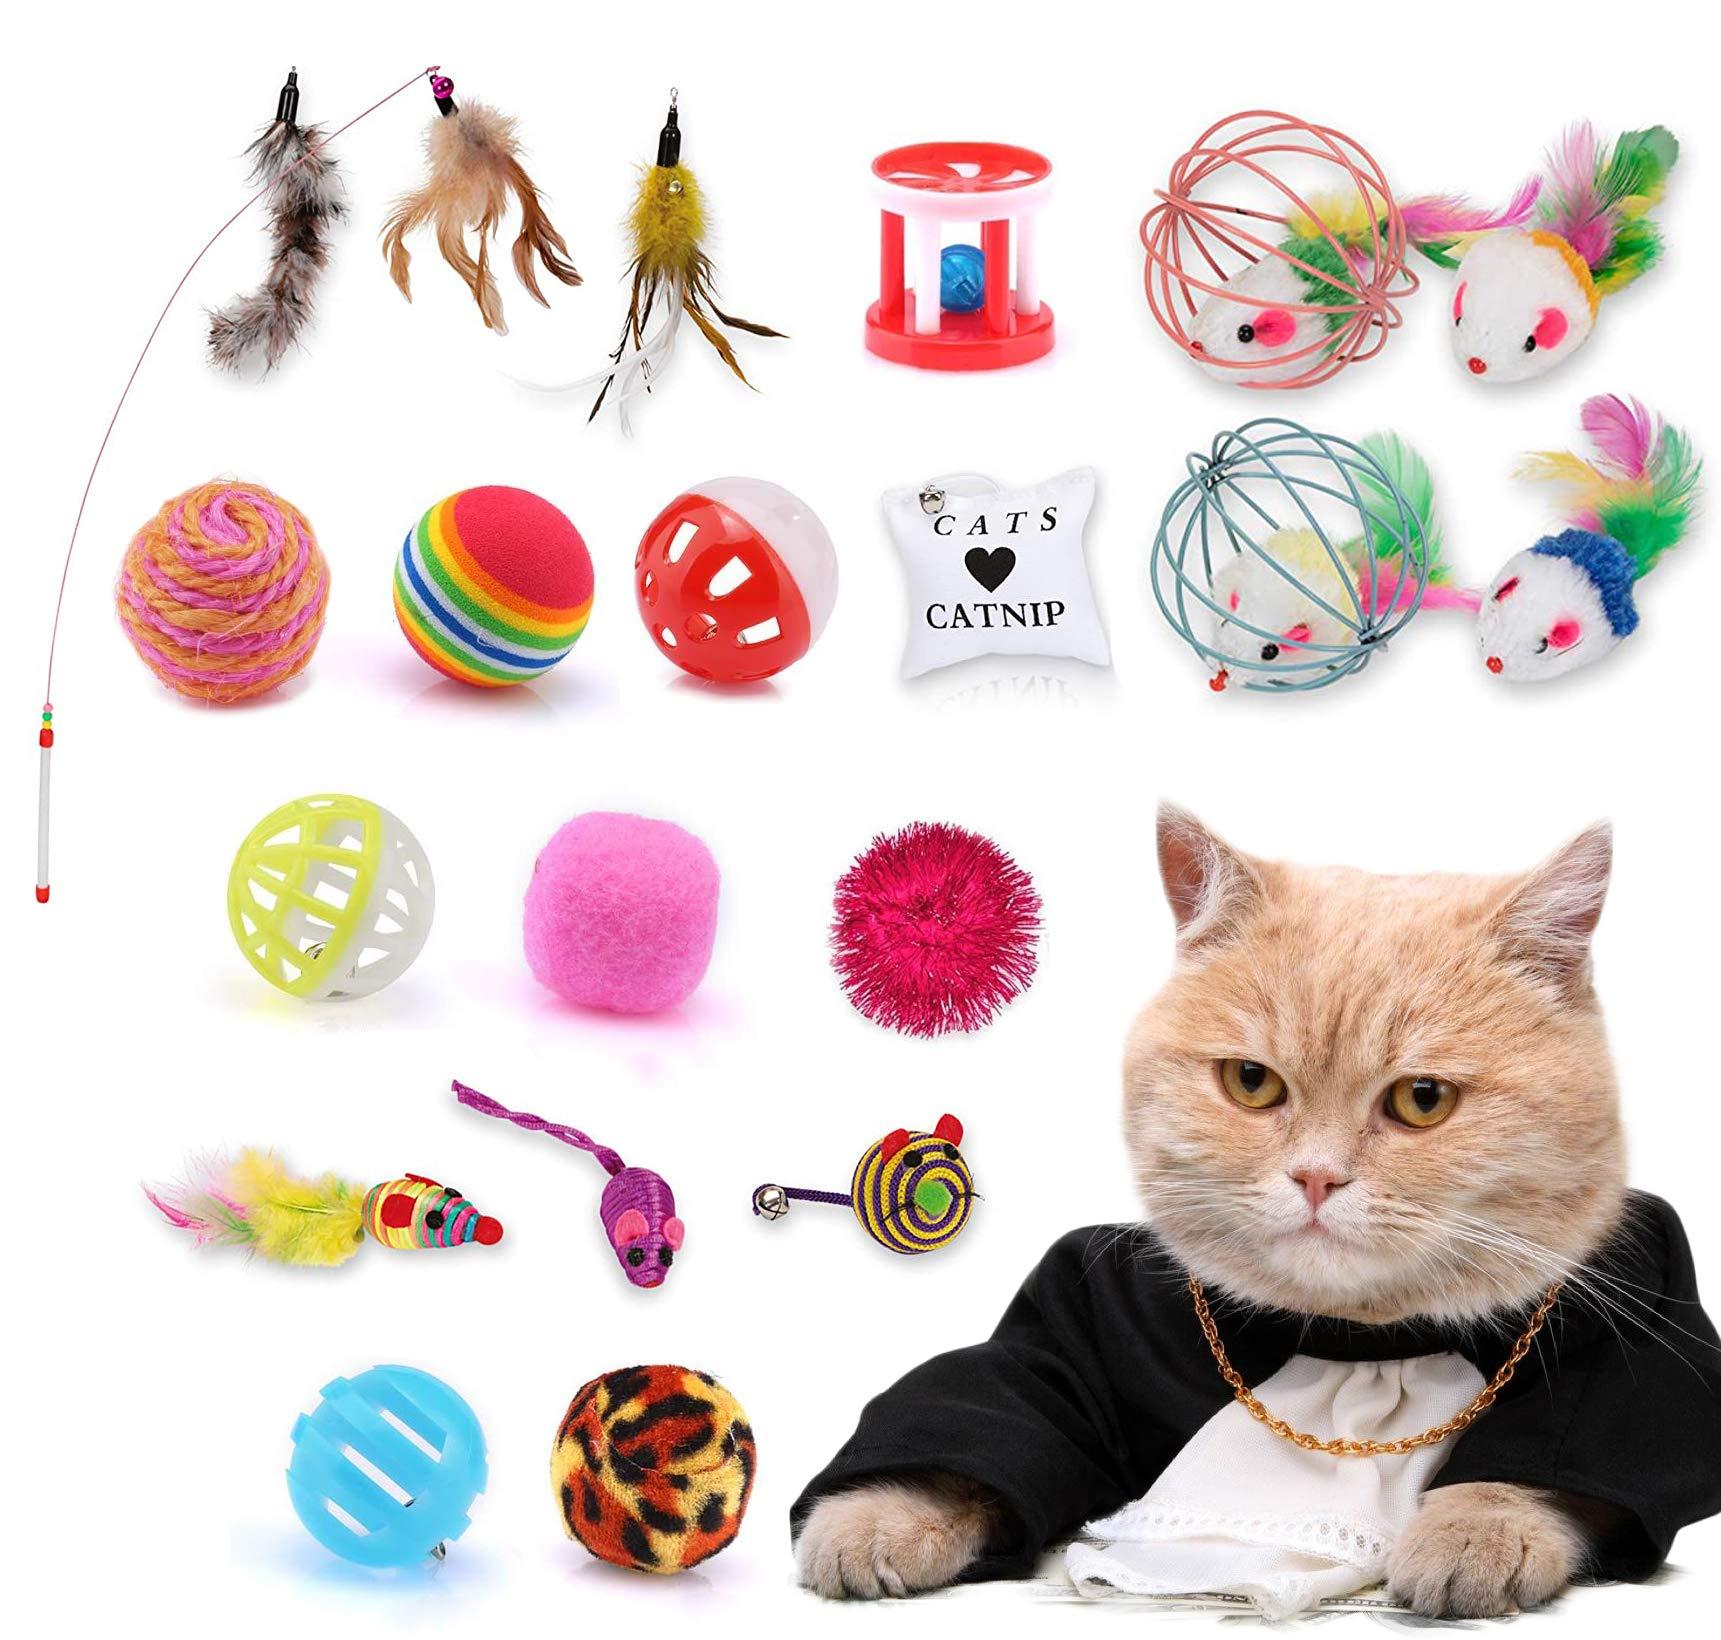 JIASHA Juguetes para Gatos Mascotas Gatos Juguetescon Plumas de Cola Bolas de Gato Juguete Interactivo con Plumas para Gatos, Bolas Varias para Gatos: Amazon.es: Productos para mascotas